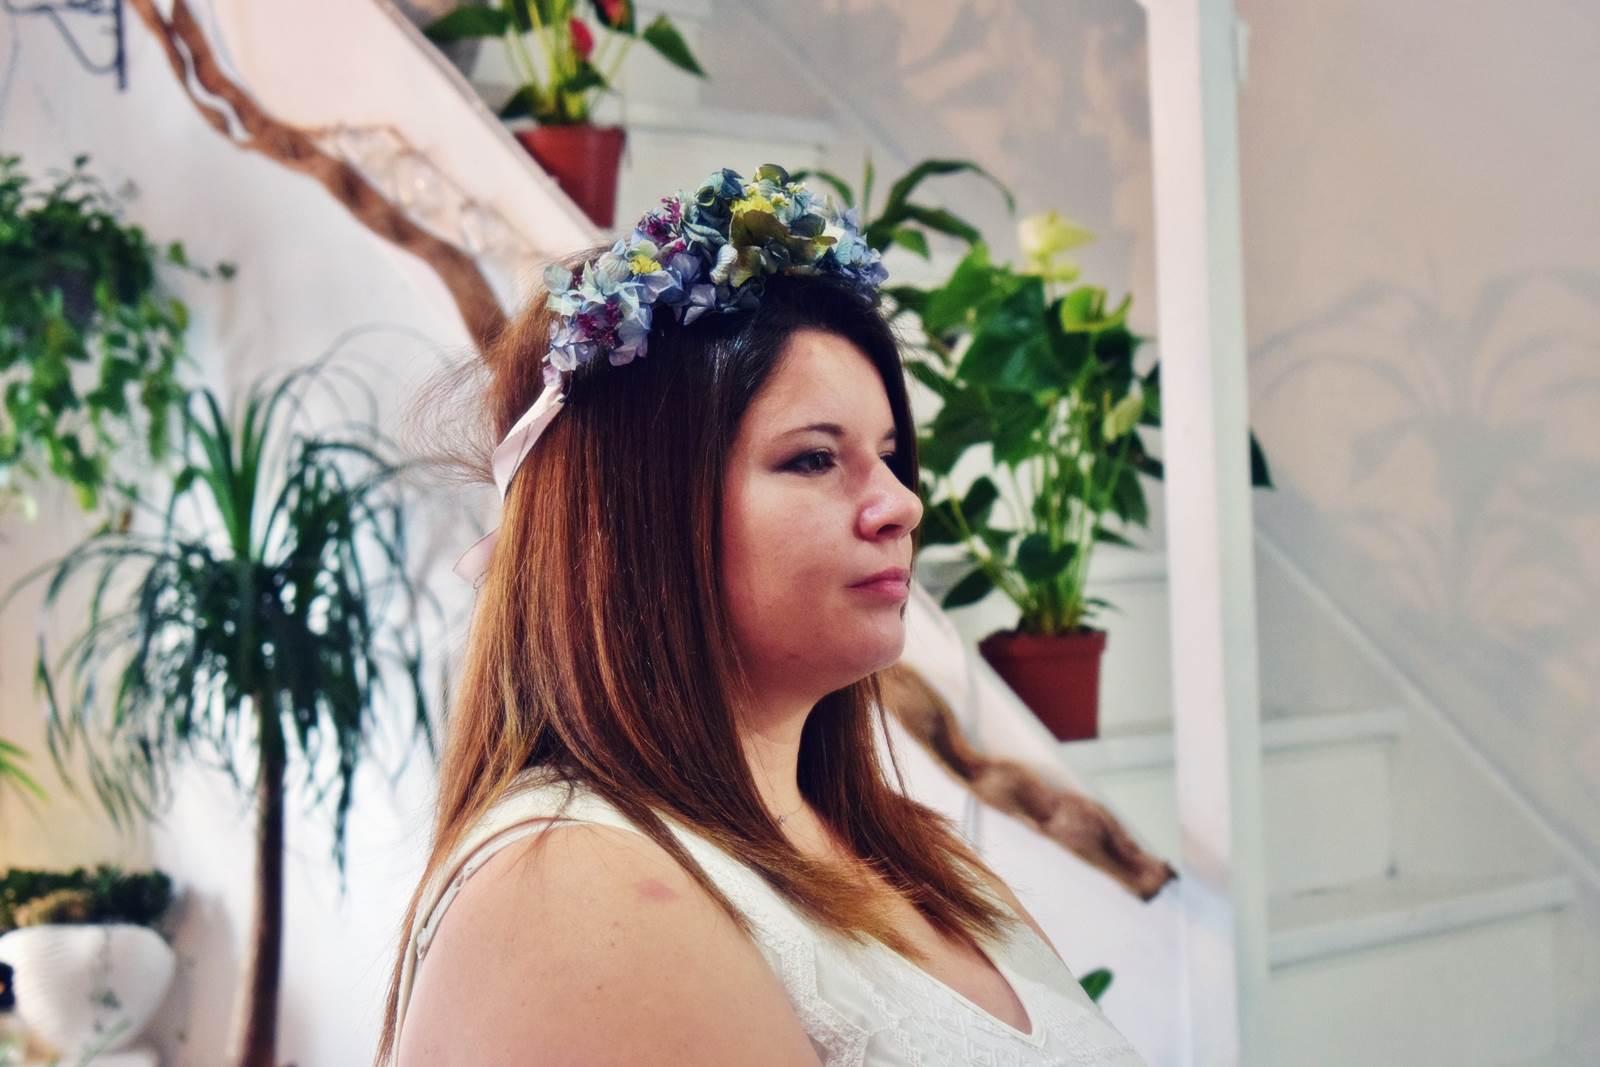 Atelier couronnes fleur photos chateaubriant 34